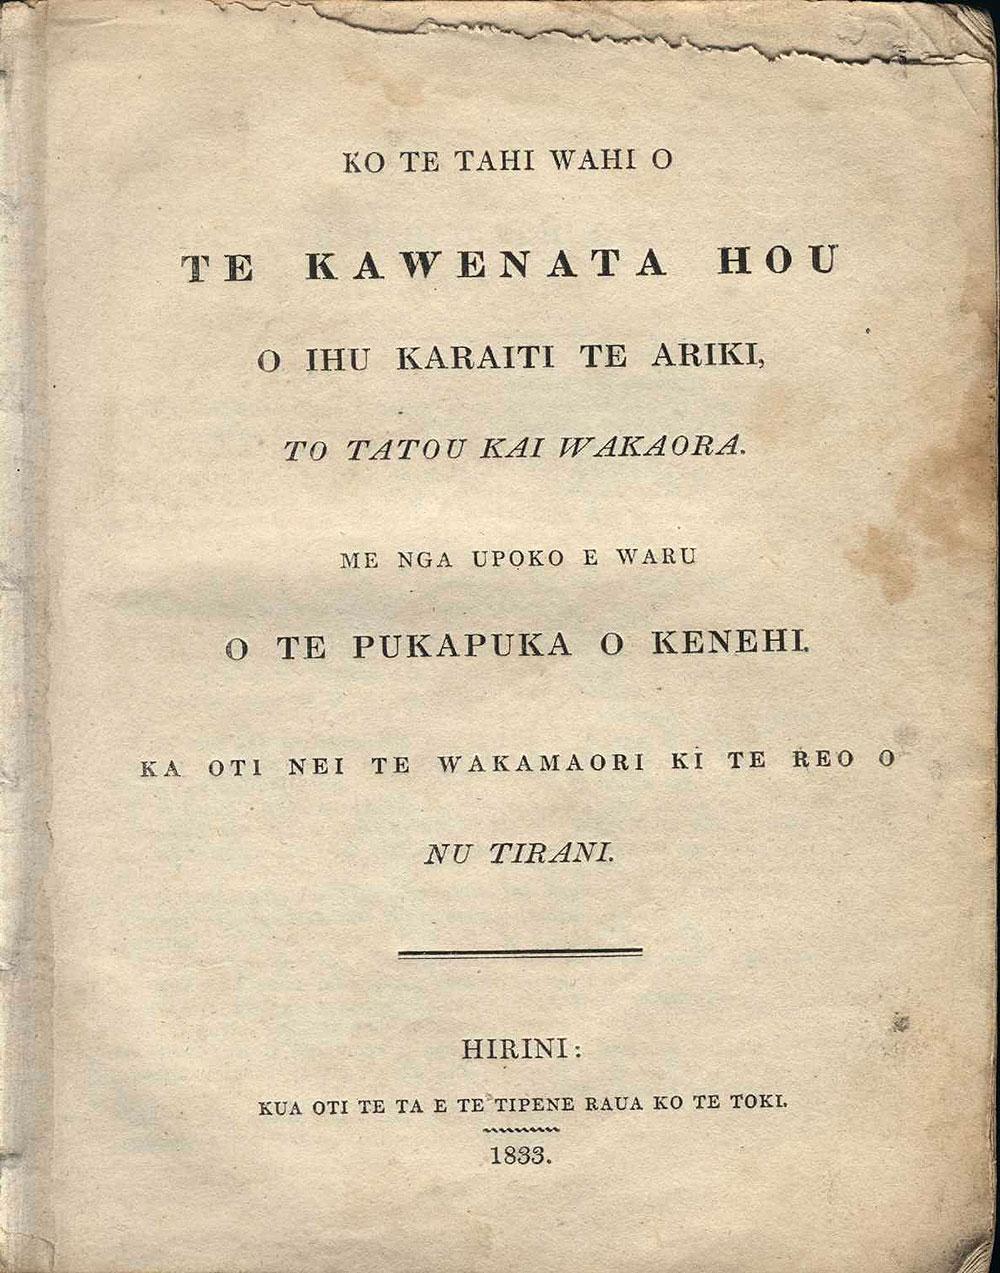 [Bible Selections in Māori]. <em>Ko te tahi wahi o te Kawenata Hou o Ihu Karaiti te Ariki, to tatou Kai Wakaora. Me nga upoko e waru o te pukapuka o Kenehi. Ka oti nei te wakamaori ki te reo o Nu Tirani.</em> Hirini [Sydney]: Kua oti te ta e Te Tipene raua ko Te Toki, 1833.